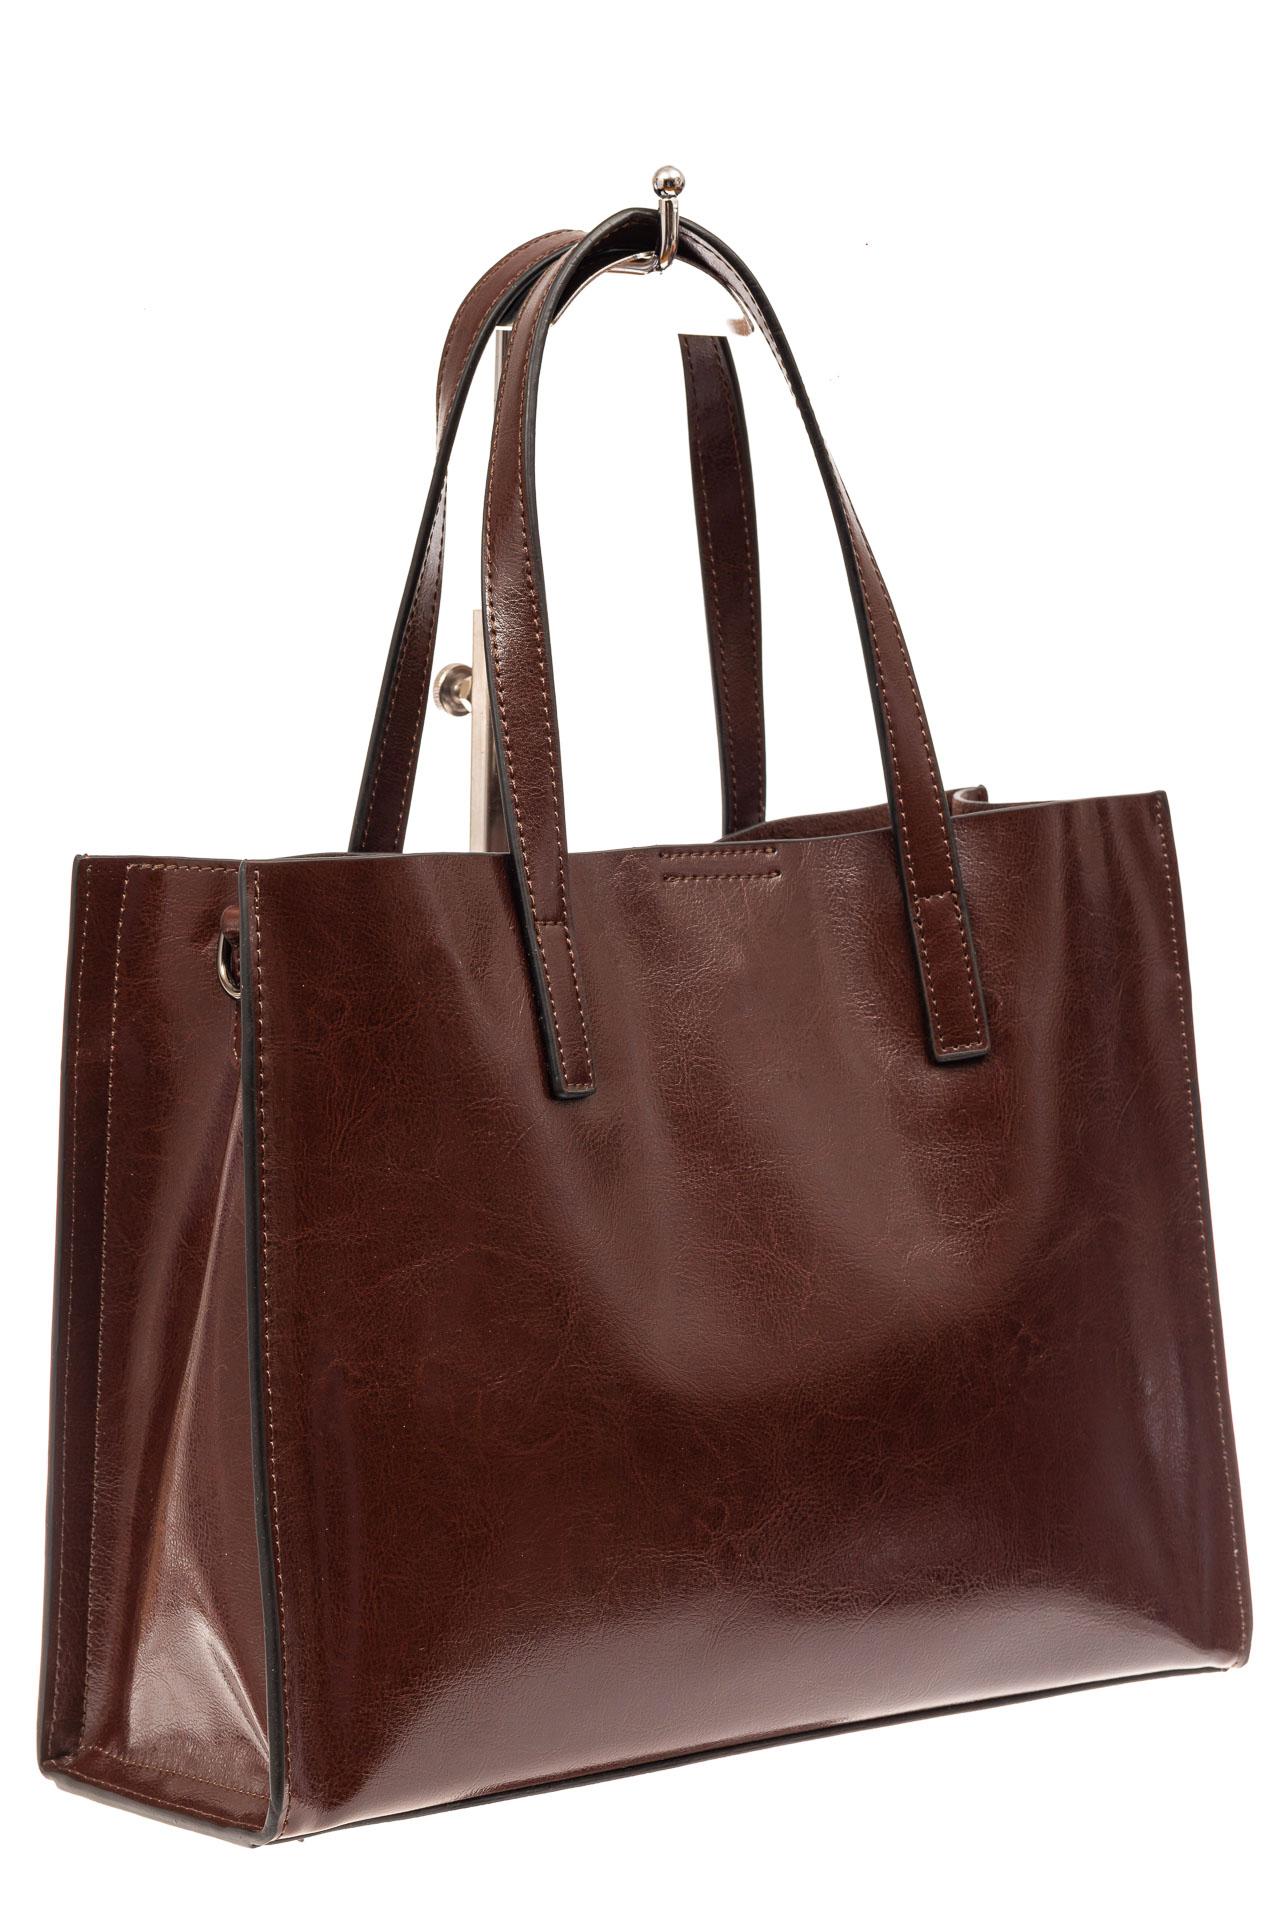 Женская сумка тоут из натуральной кожи, цвет зеленый910NK0520/7